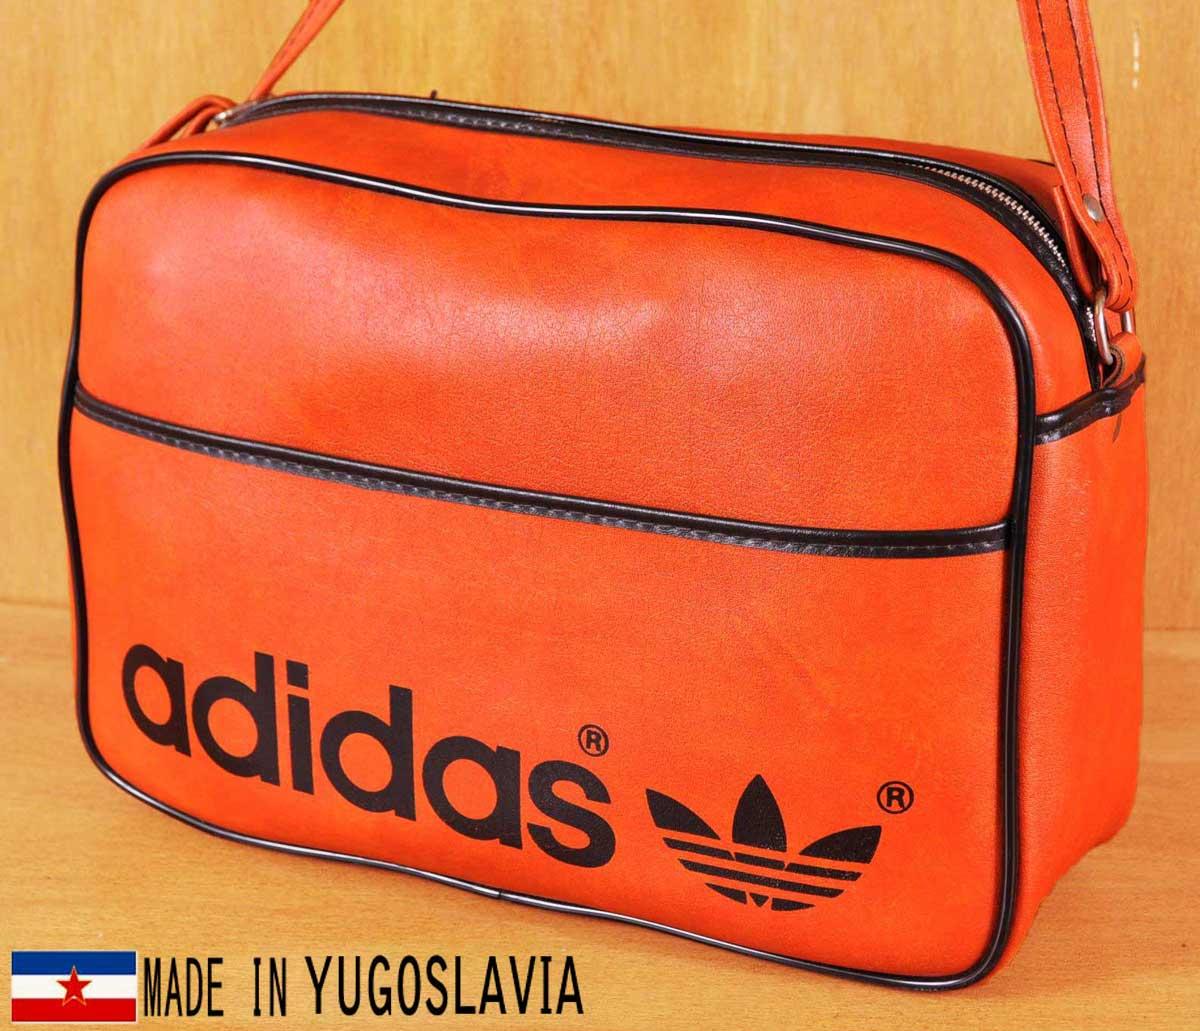 ヴィンテージ 1970年代 ユーゴスラビア製/ adidas アディダス/ アディダス スポーツ adidas ショルダーバッグ 1970年代/ オレンジ×ブラック【中古】▽, グラスマーブル:f4c9ccc8 --- officewill.xsrv.jp